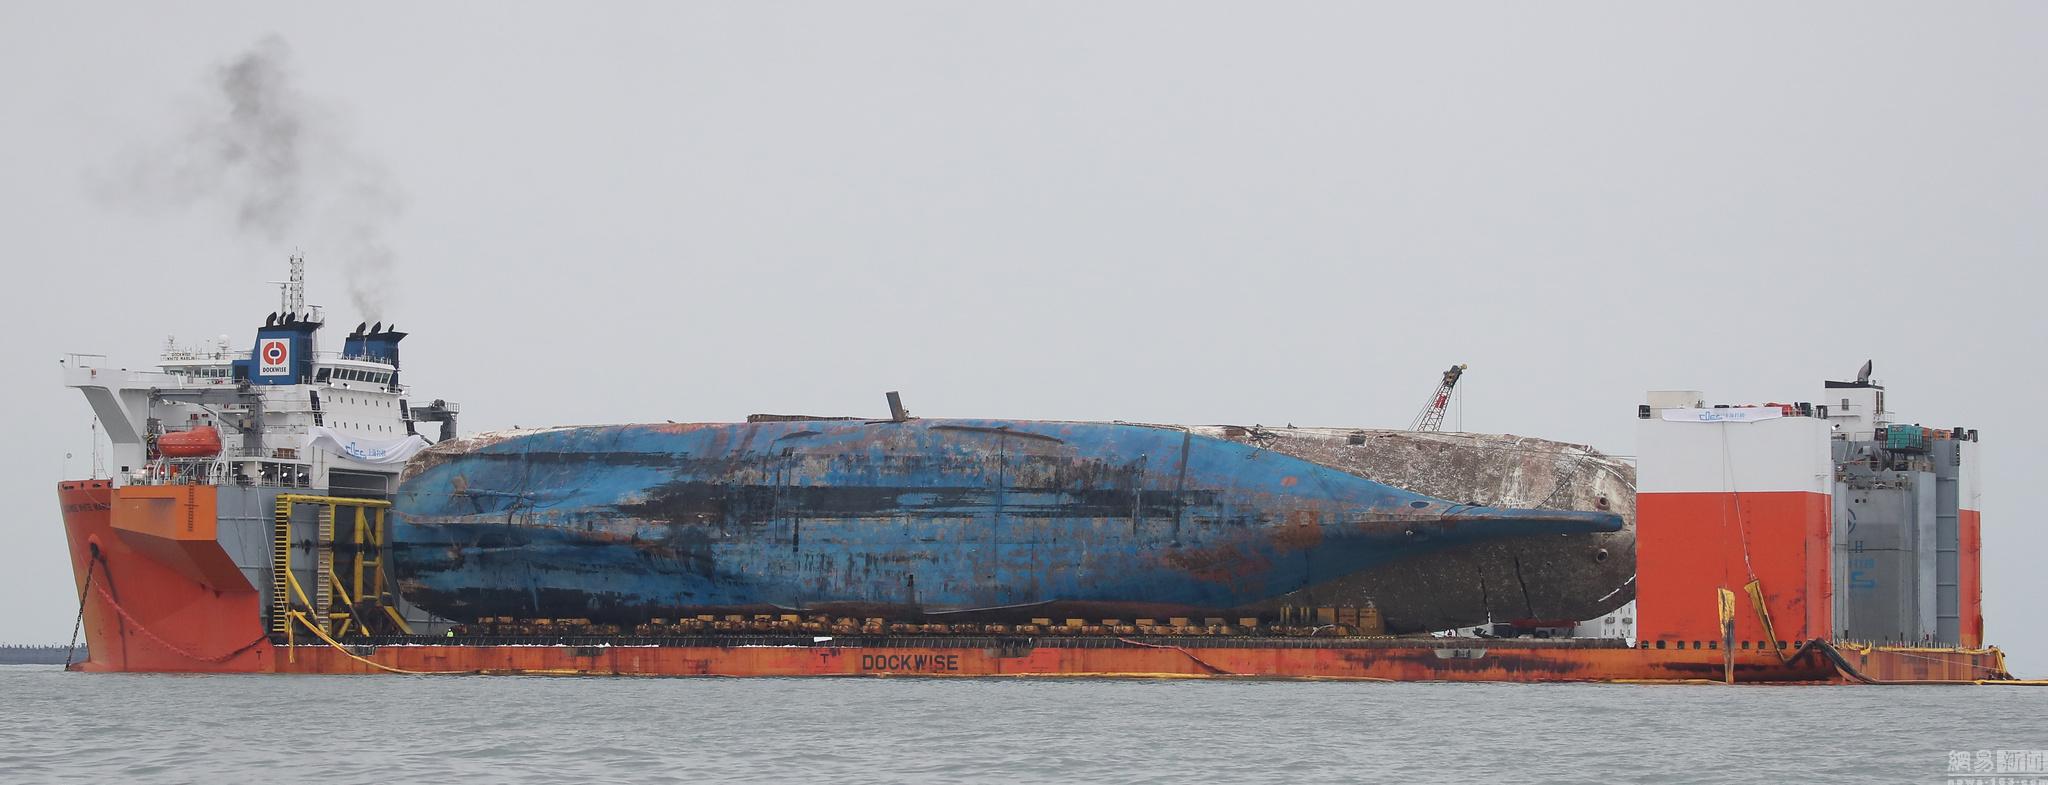 打捞世越号驳船全景